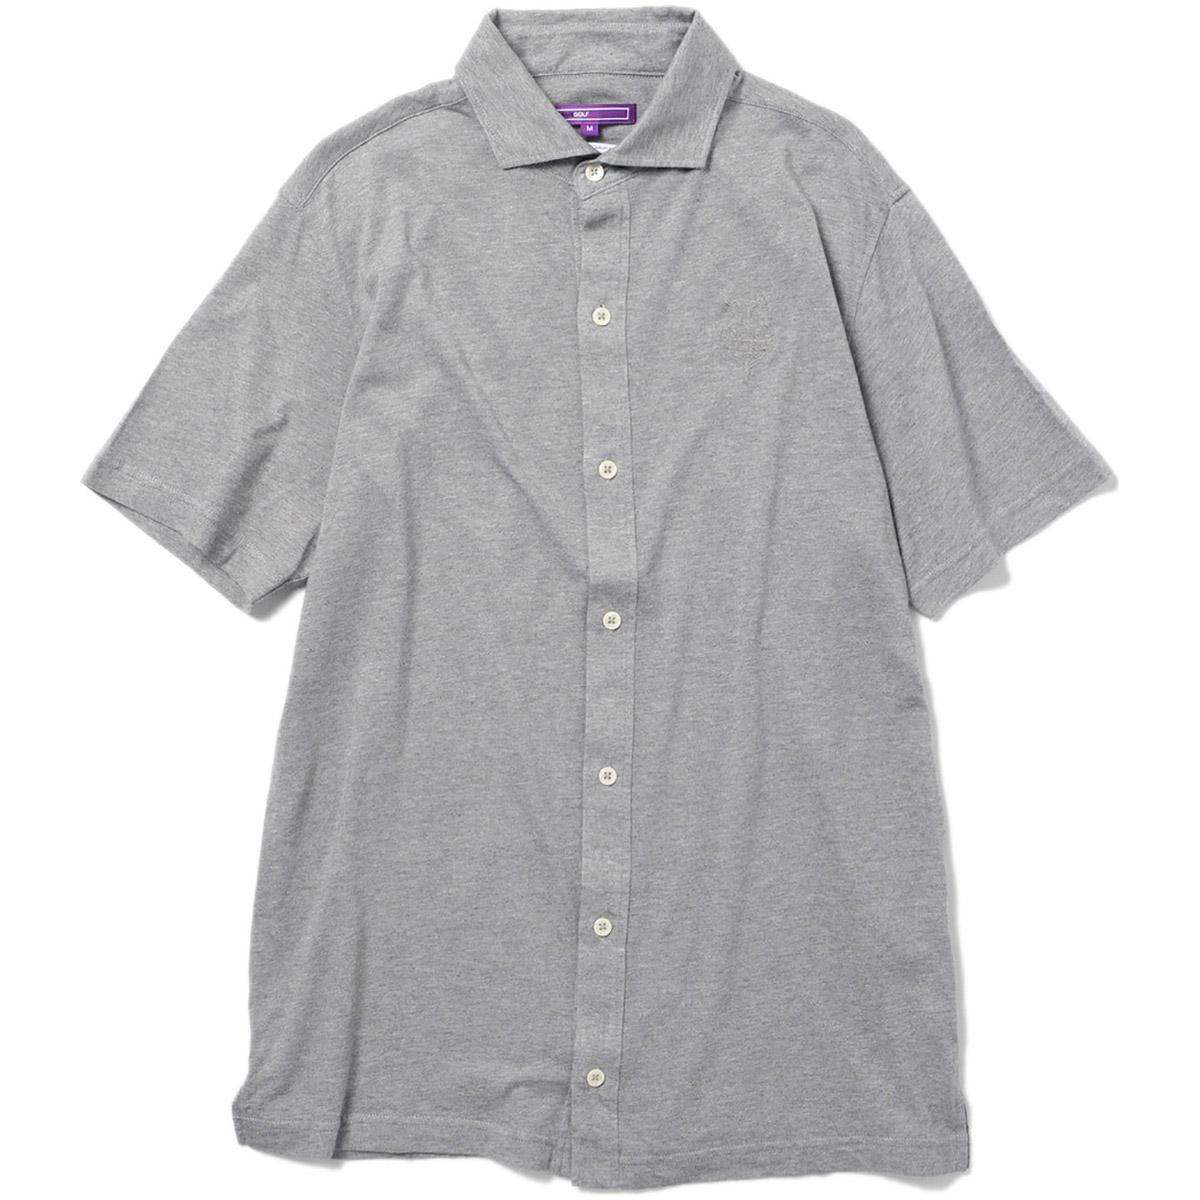 BEAMS GOLF PURPLE LABEL テンセル×コットン テンジク ポロシャツ